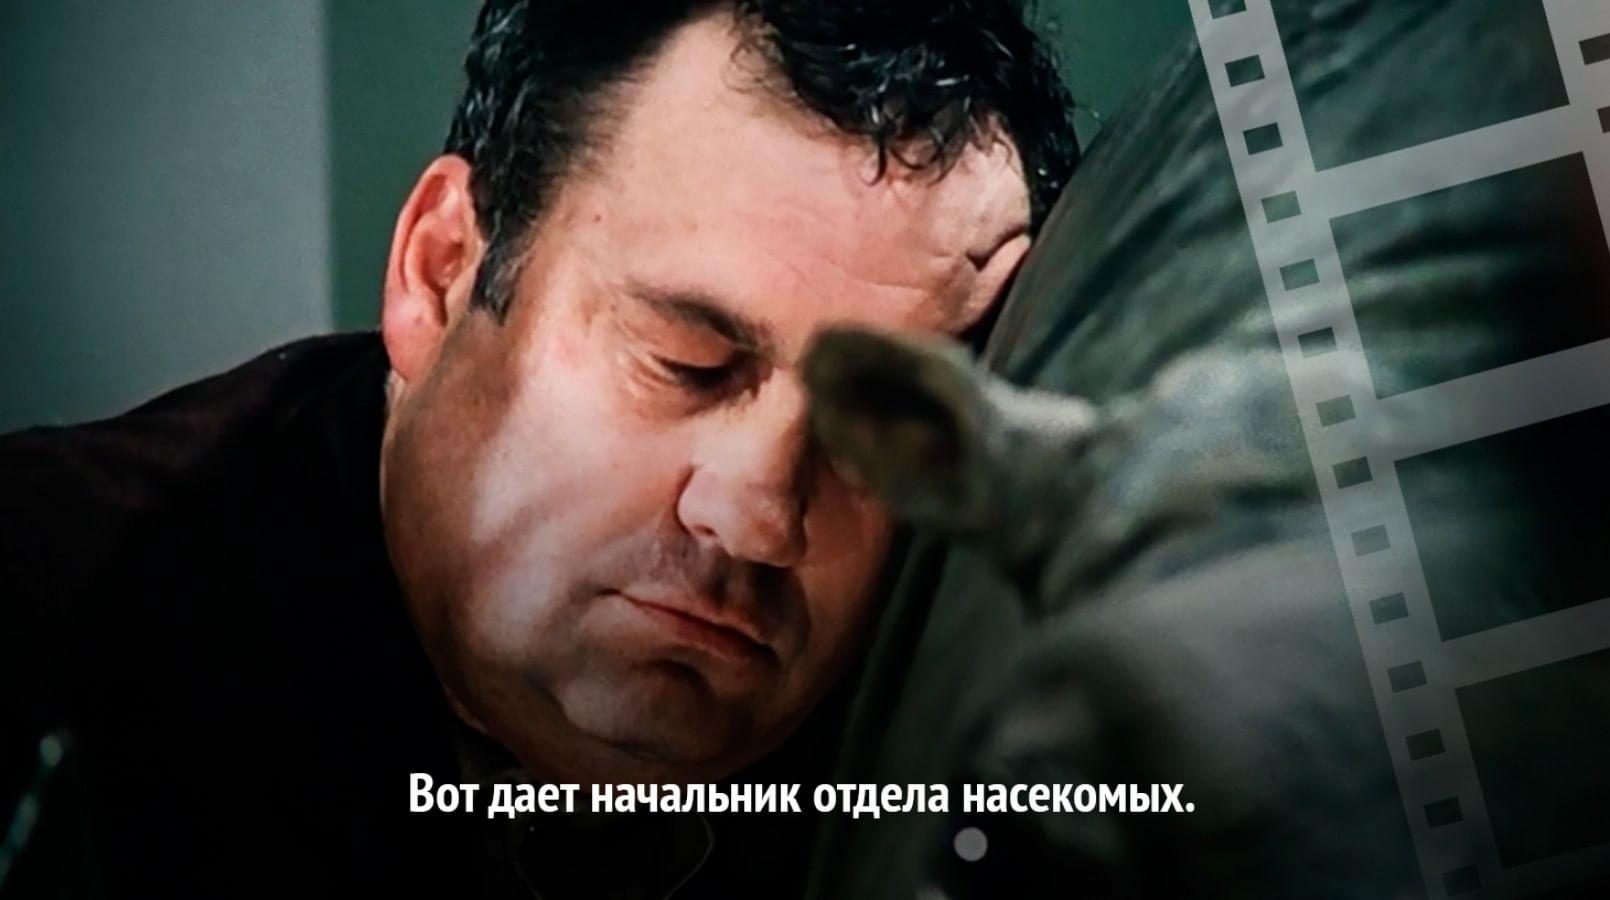 Выспаться, как герой Эльдара Рязанова в фильме «Гараж».